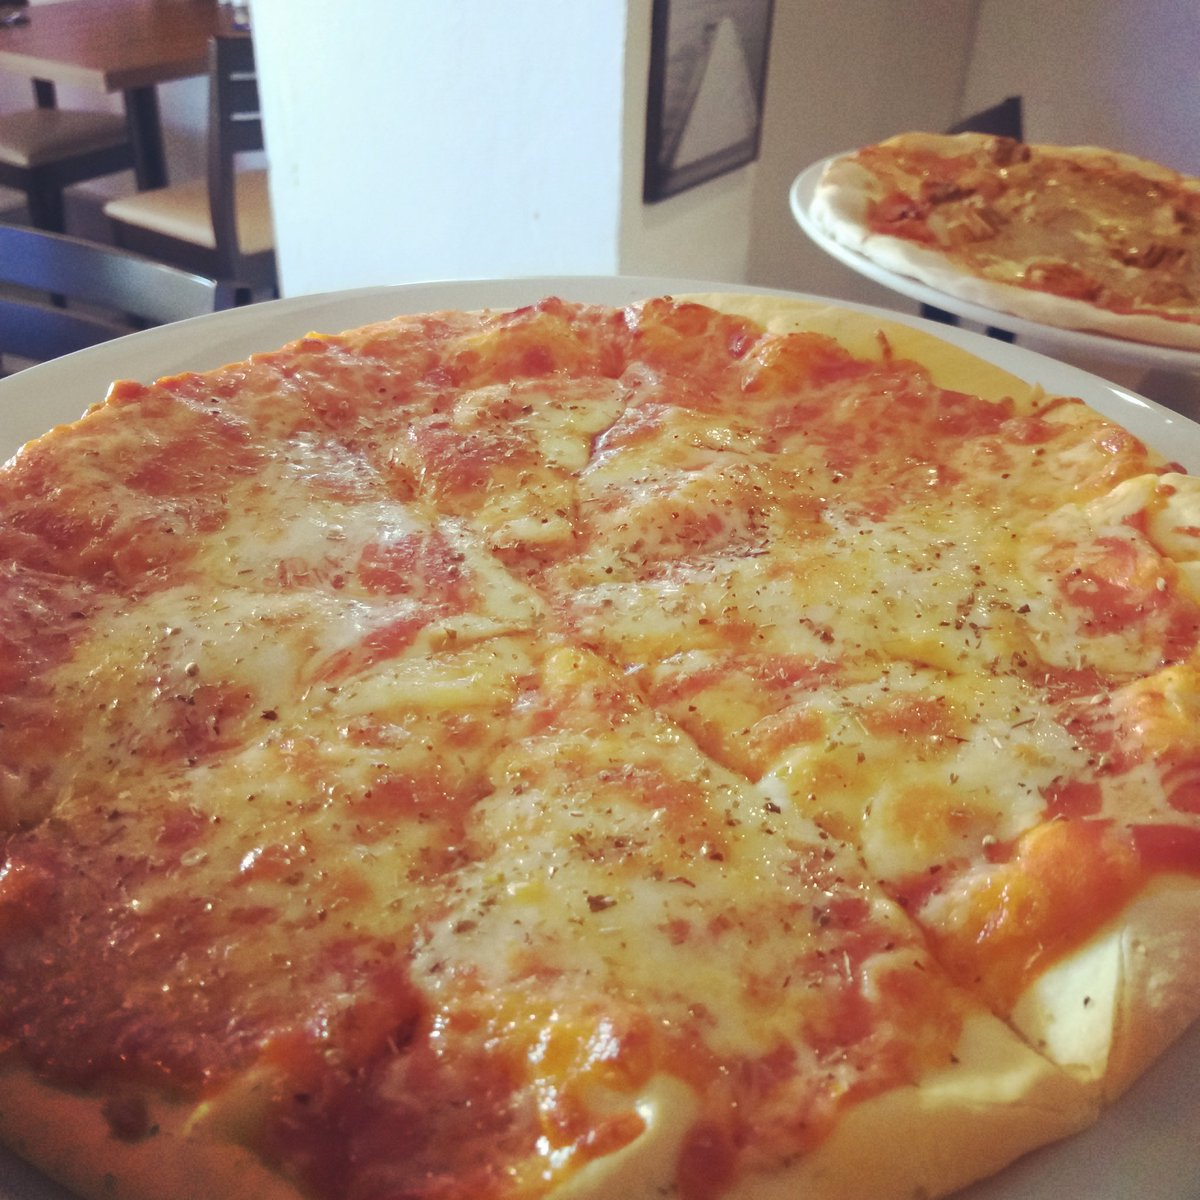 Gluten free pizza @ pizza prosecco night Waterfront#waterfrontrestaurant#glutenfree#pizzalovers #proseccolovers